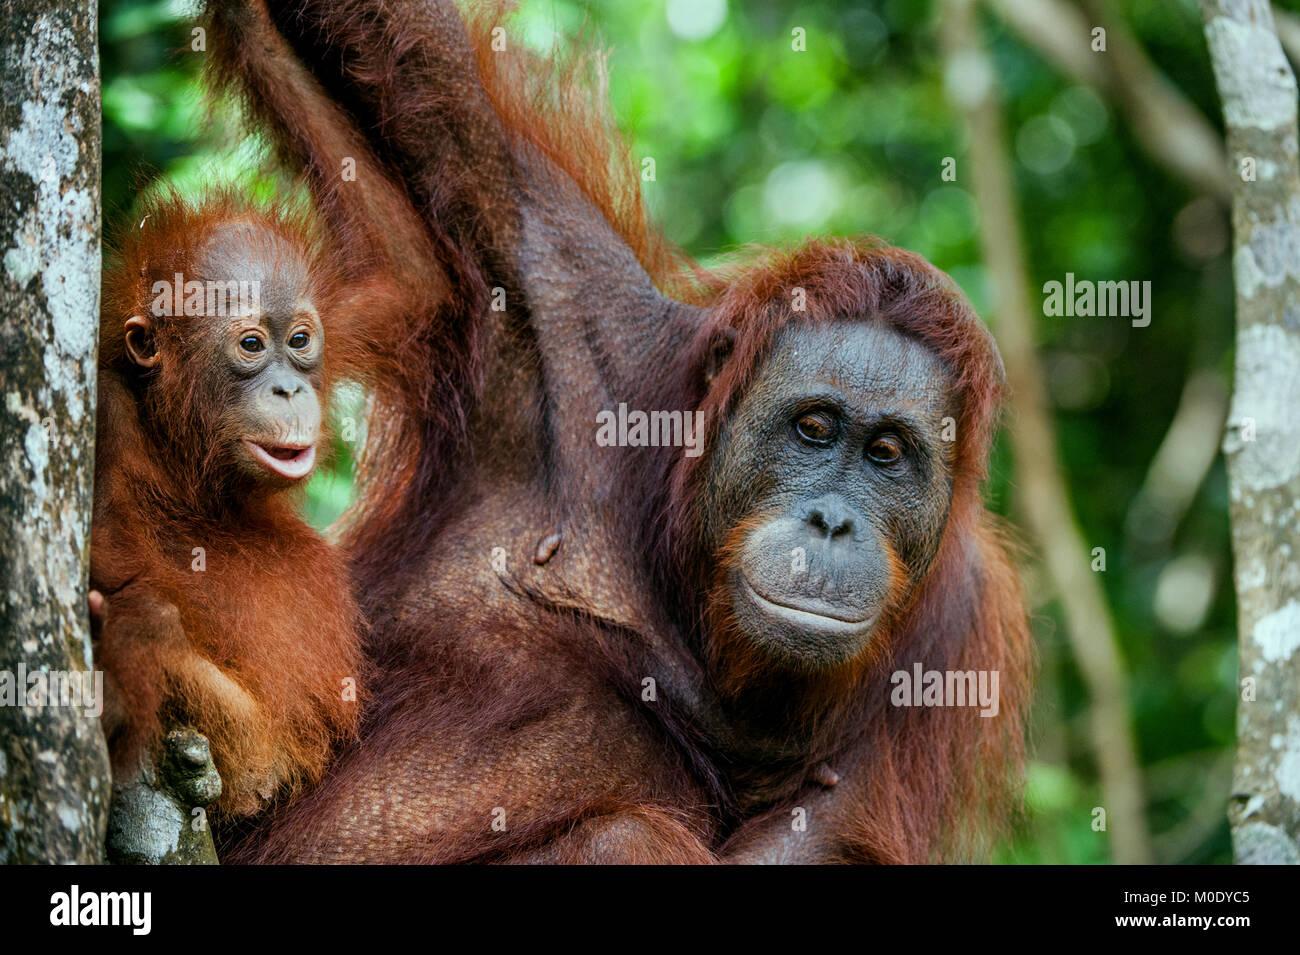 Mother orangutan and cub in a natural habitat. Bornean orangutan (Pongo pygmaeus wurmbii) in the wild nature. Rainforest - Stock Image